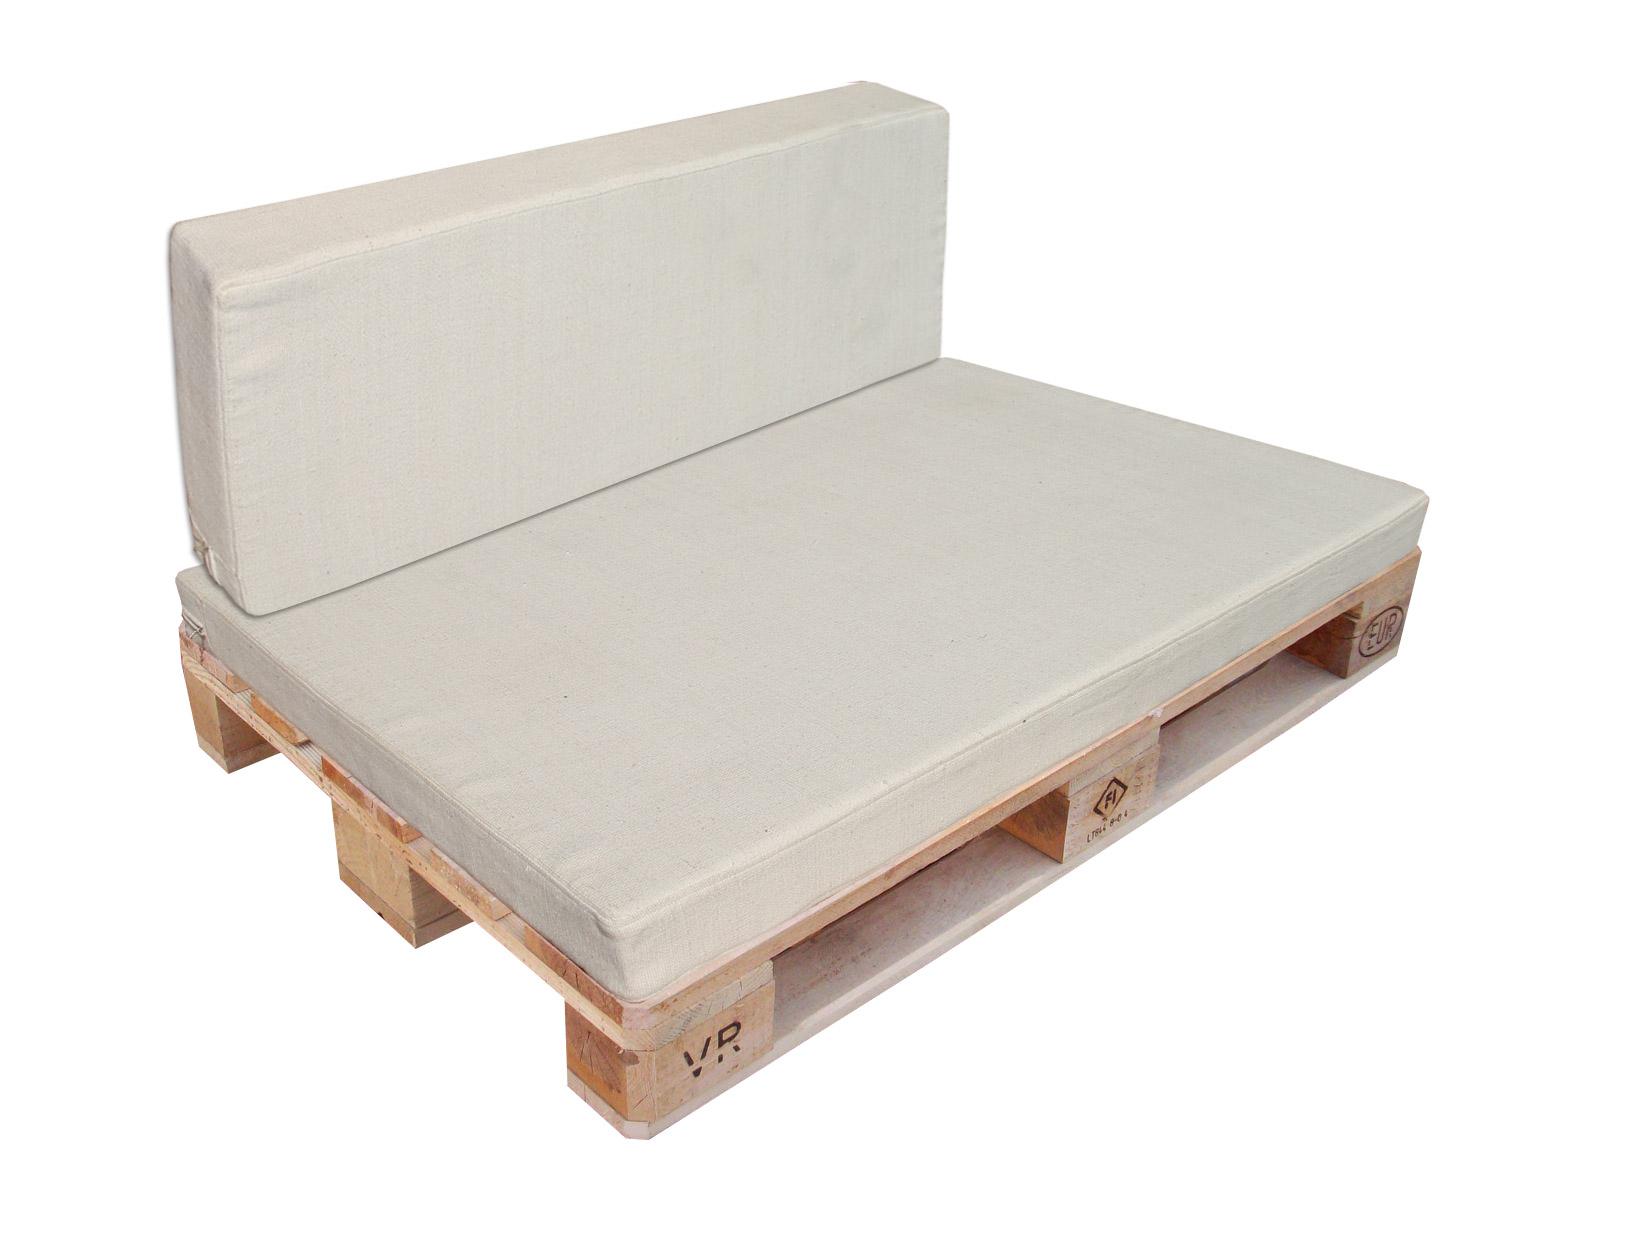 Outdoor-Couch-Europaletten-Sofa_120x80_ansicht_sitzteil-kopfteil